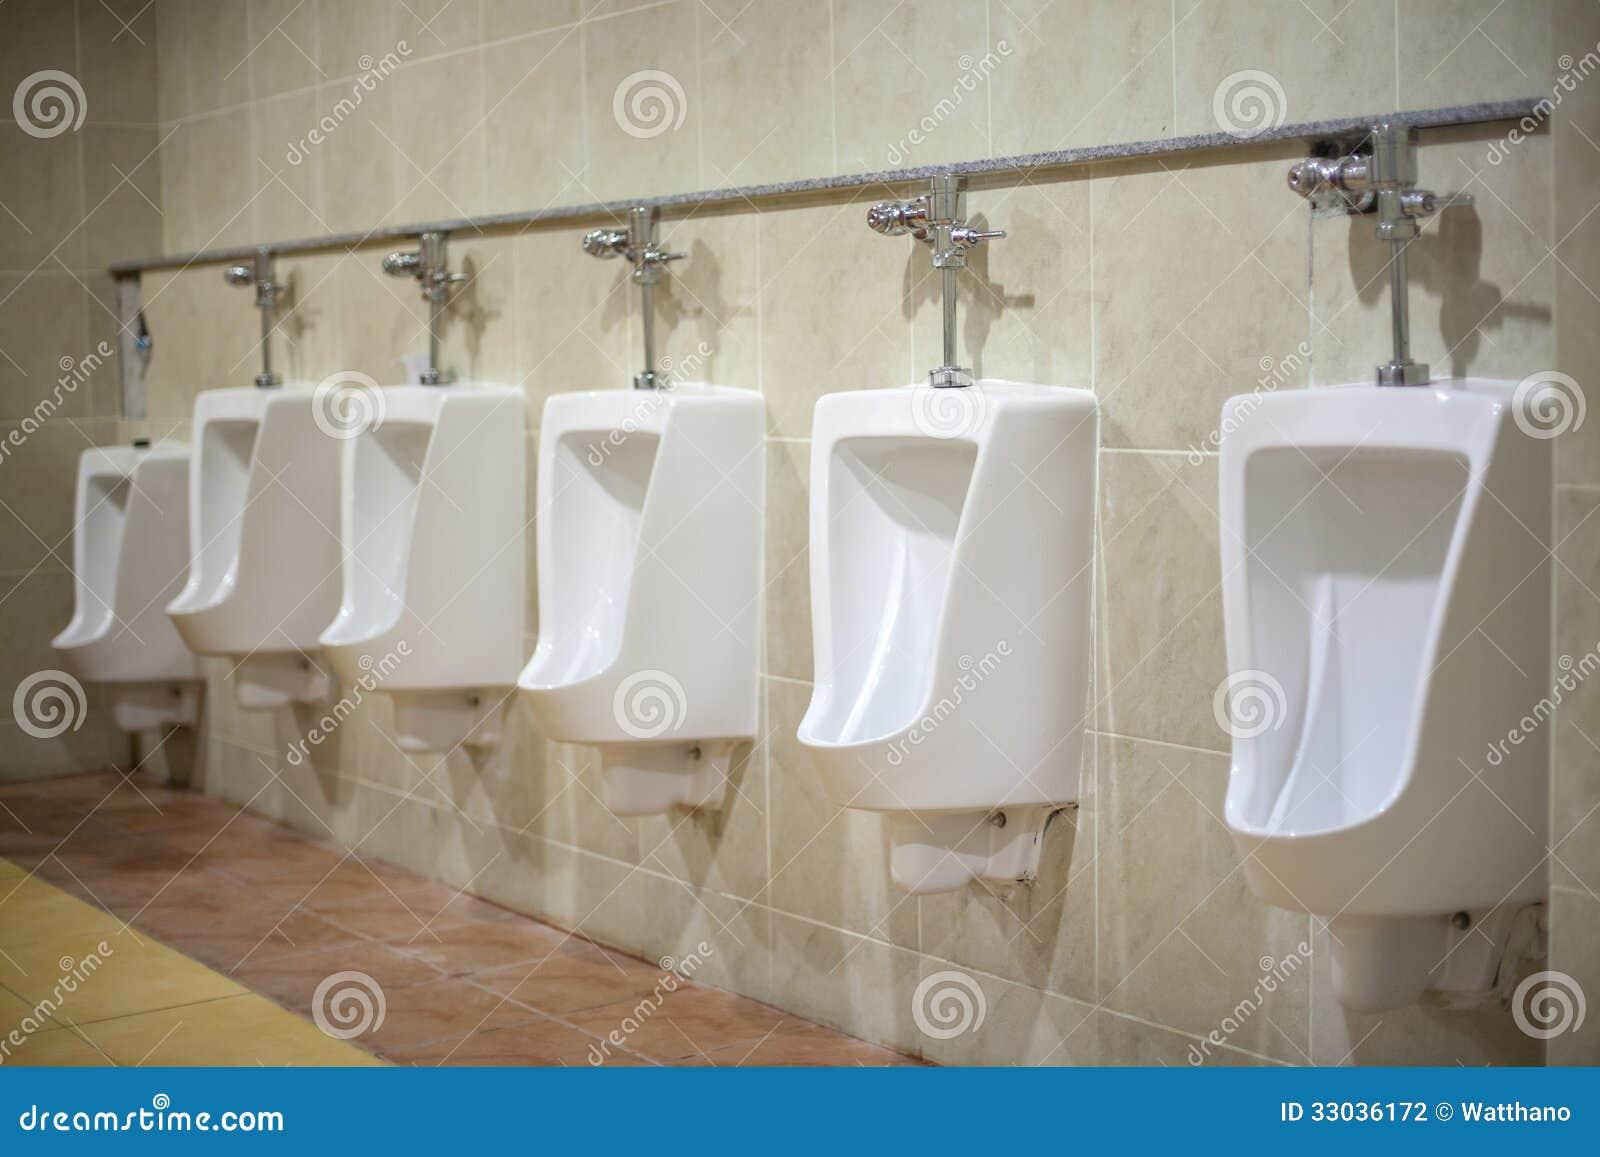 De muur zette wit ceramisch toilet in bruine betegelde badkamers op stock foto afbeelding - Betegelde badkamer ontwerp ...